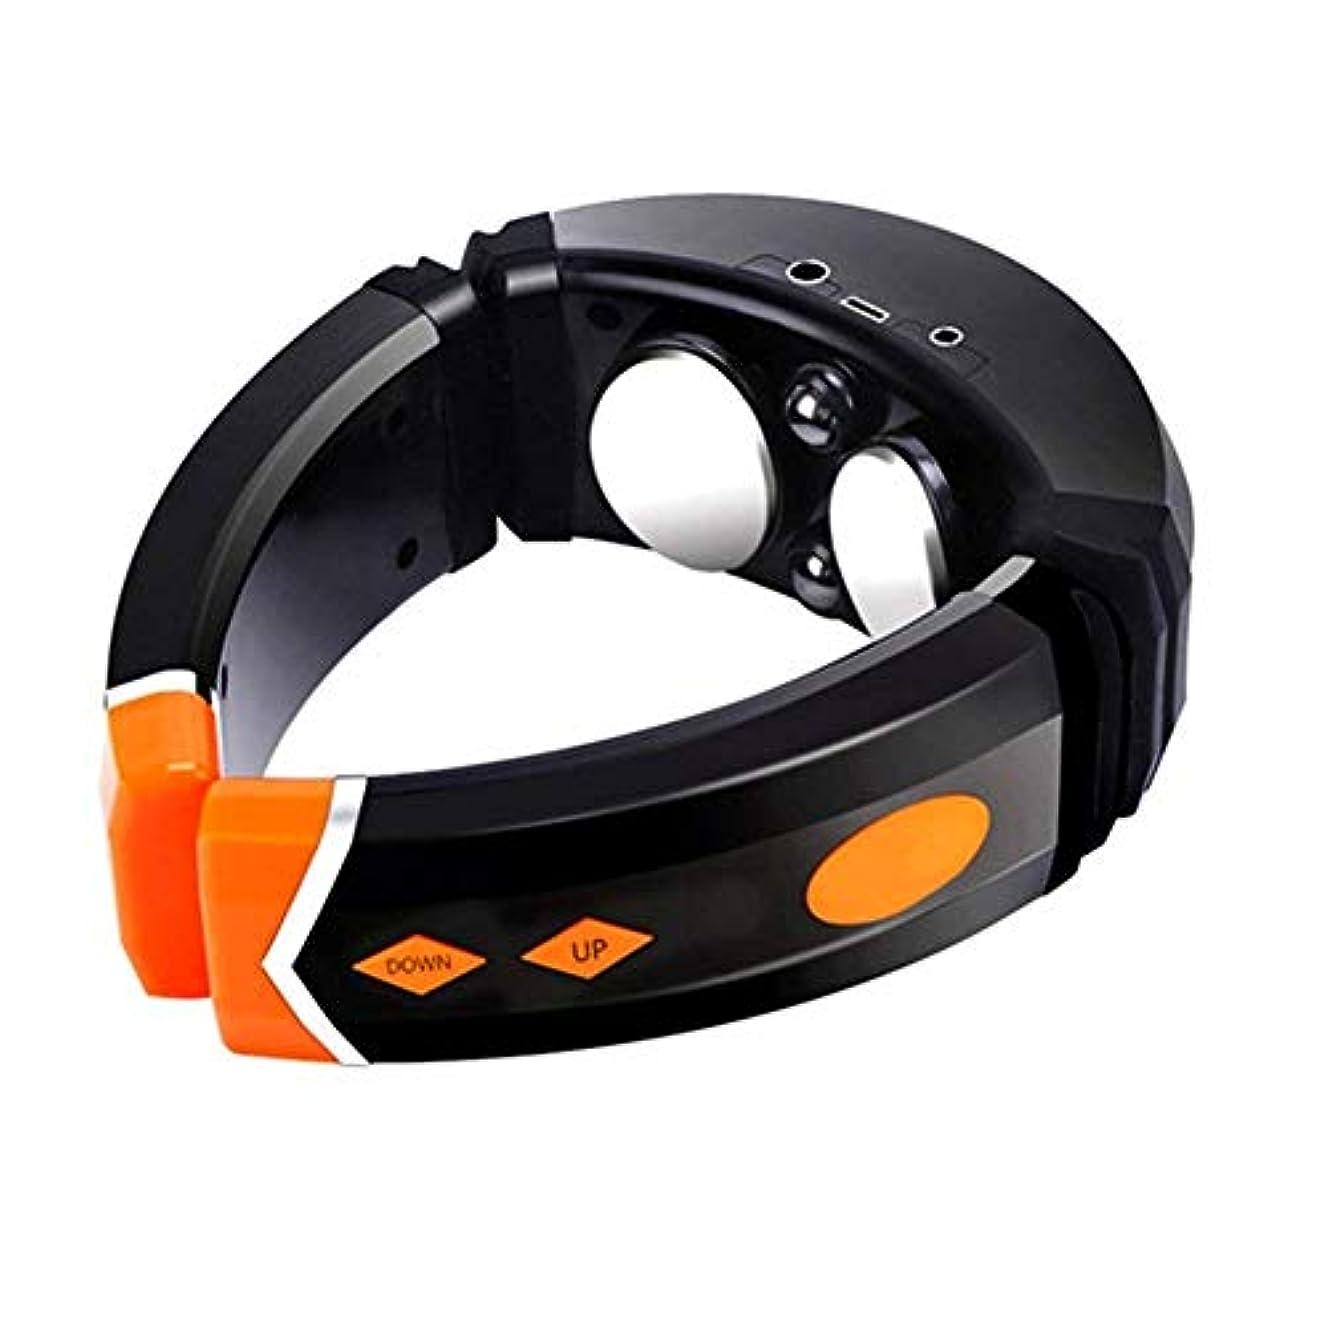 差別する圧縮するセミナー首のマッサージャー - 多機能 - インテリジェント暖房 - マルチ周波数振動 - マッサージ/レッグ/ウエスト/フット - 筋肉痛の軽減